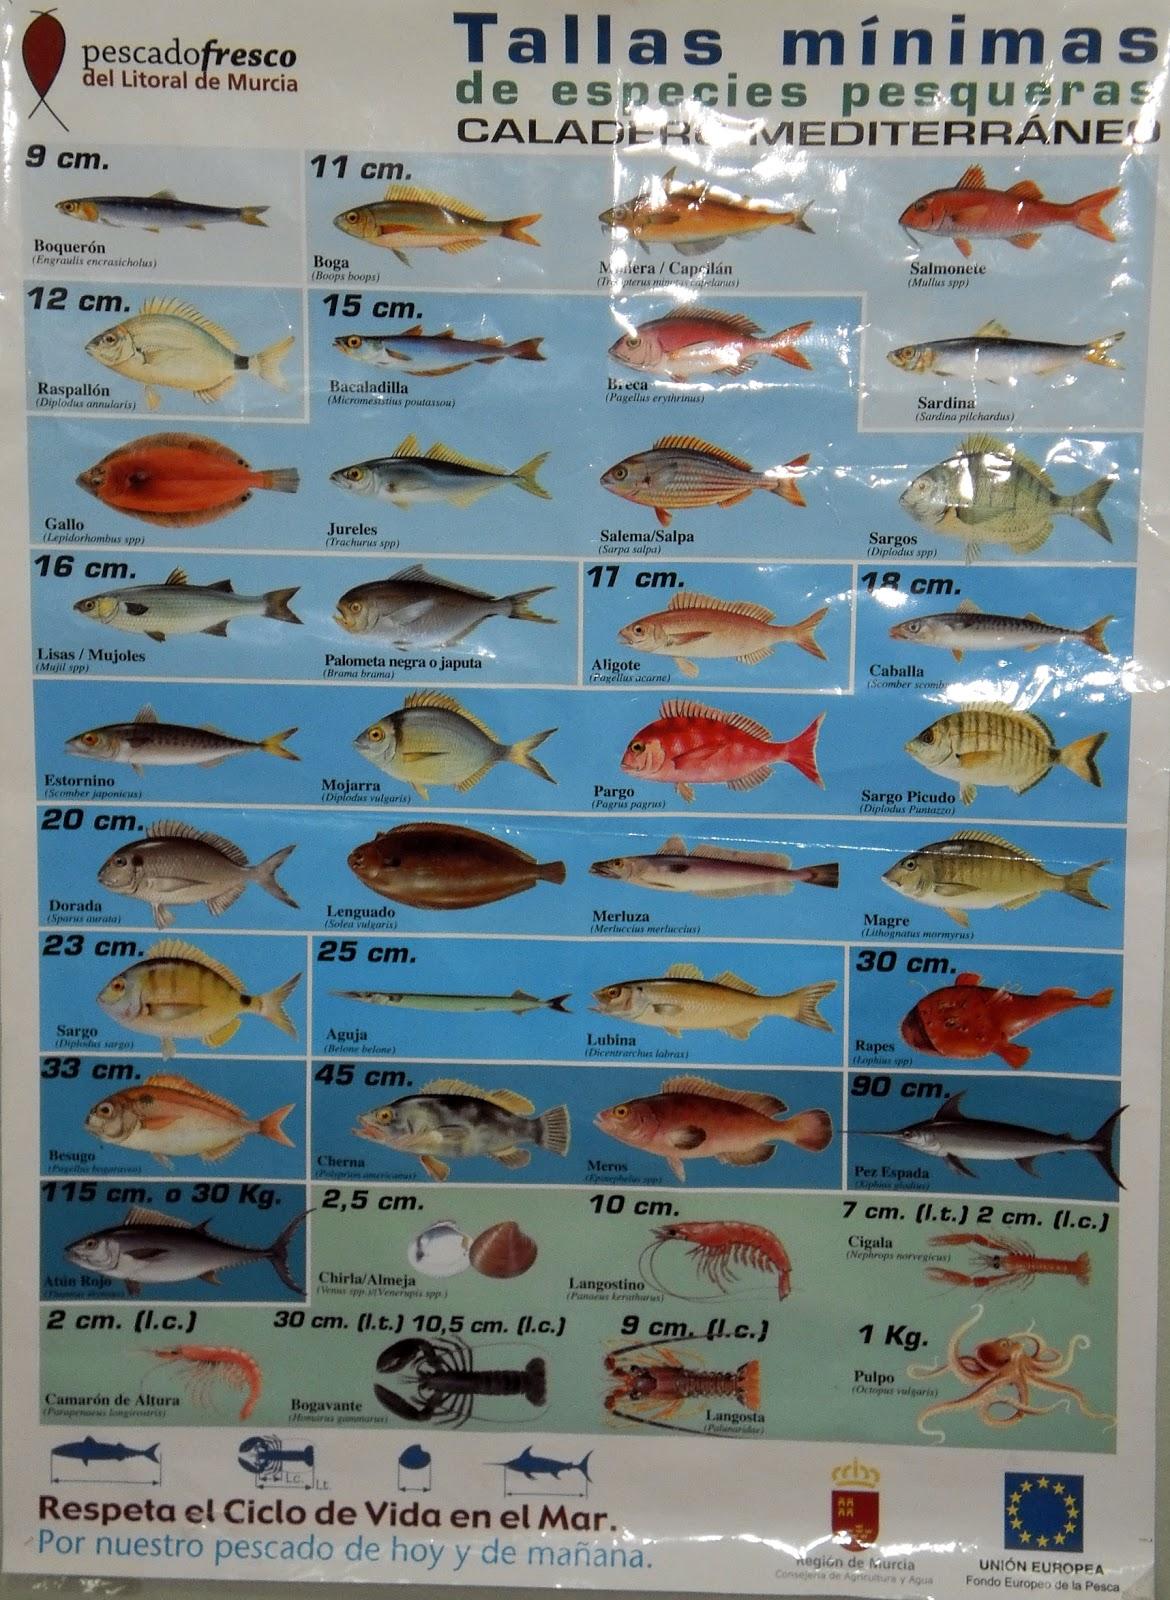 Tipos de peces del mar imagui - Fotos de peces del mediterraneo ...